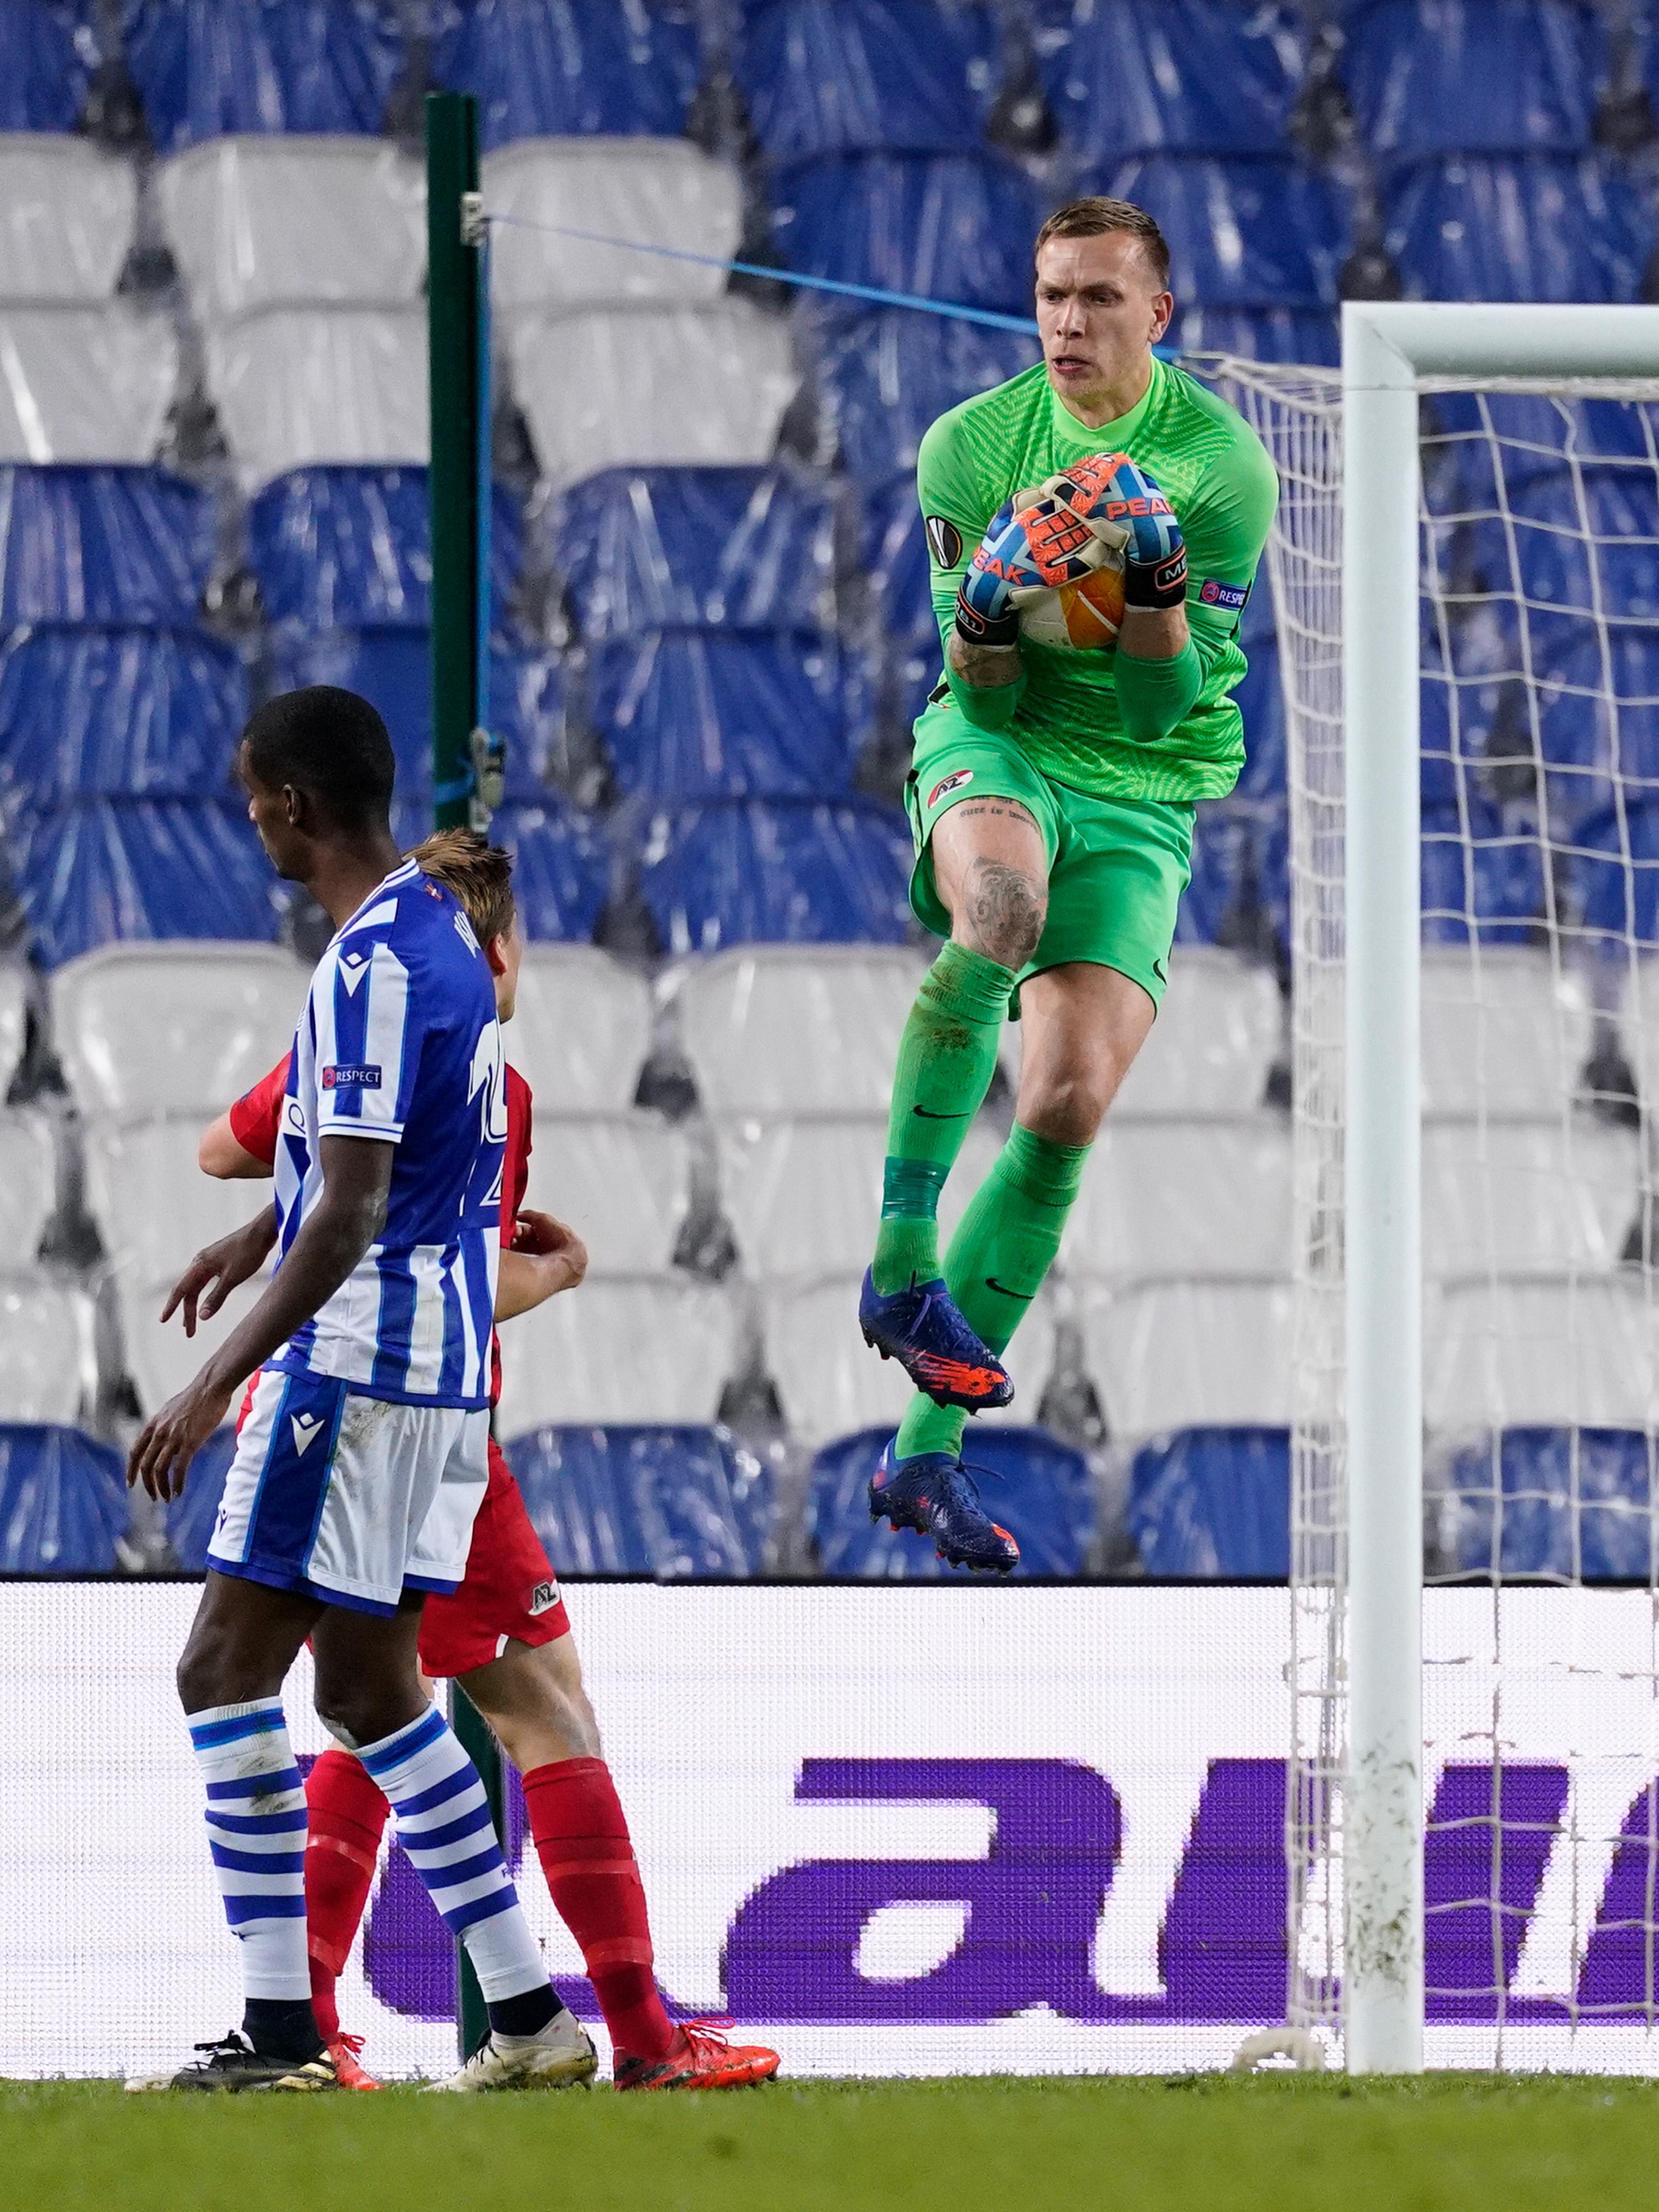 'Wij kunnen dit soort teams aan.' Doelman Marco Bizot is ervan overtuigd dat AZ opnieuw kan stunten tegen Napoli